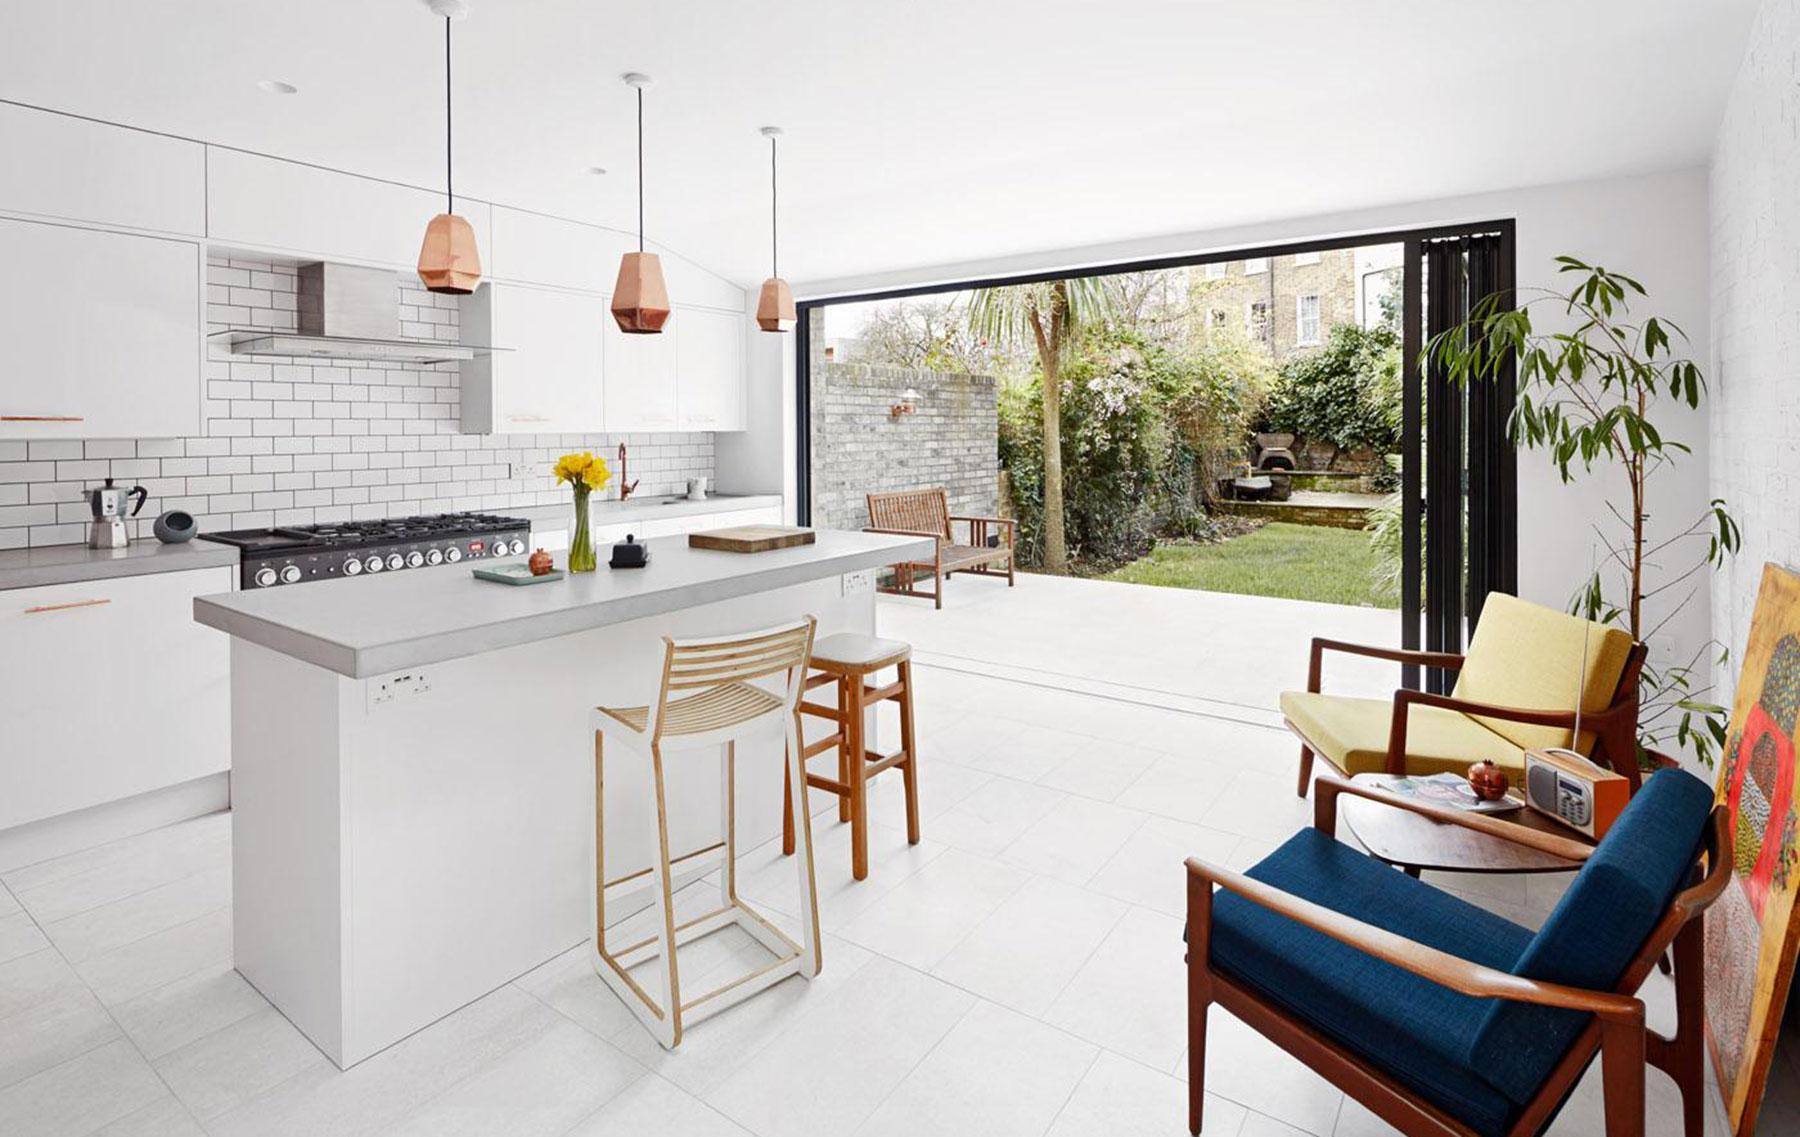 Bifold doors open up the garden for a Hackney home